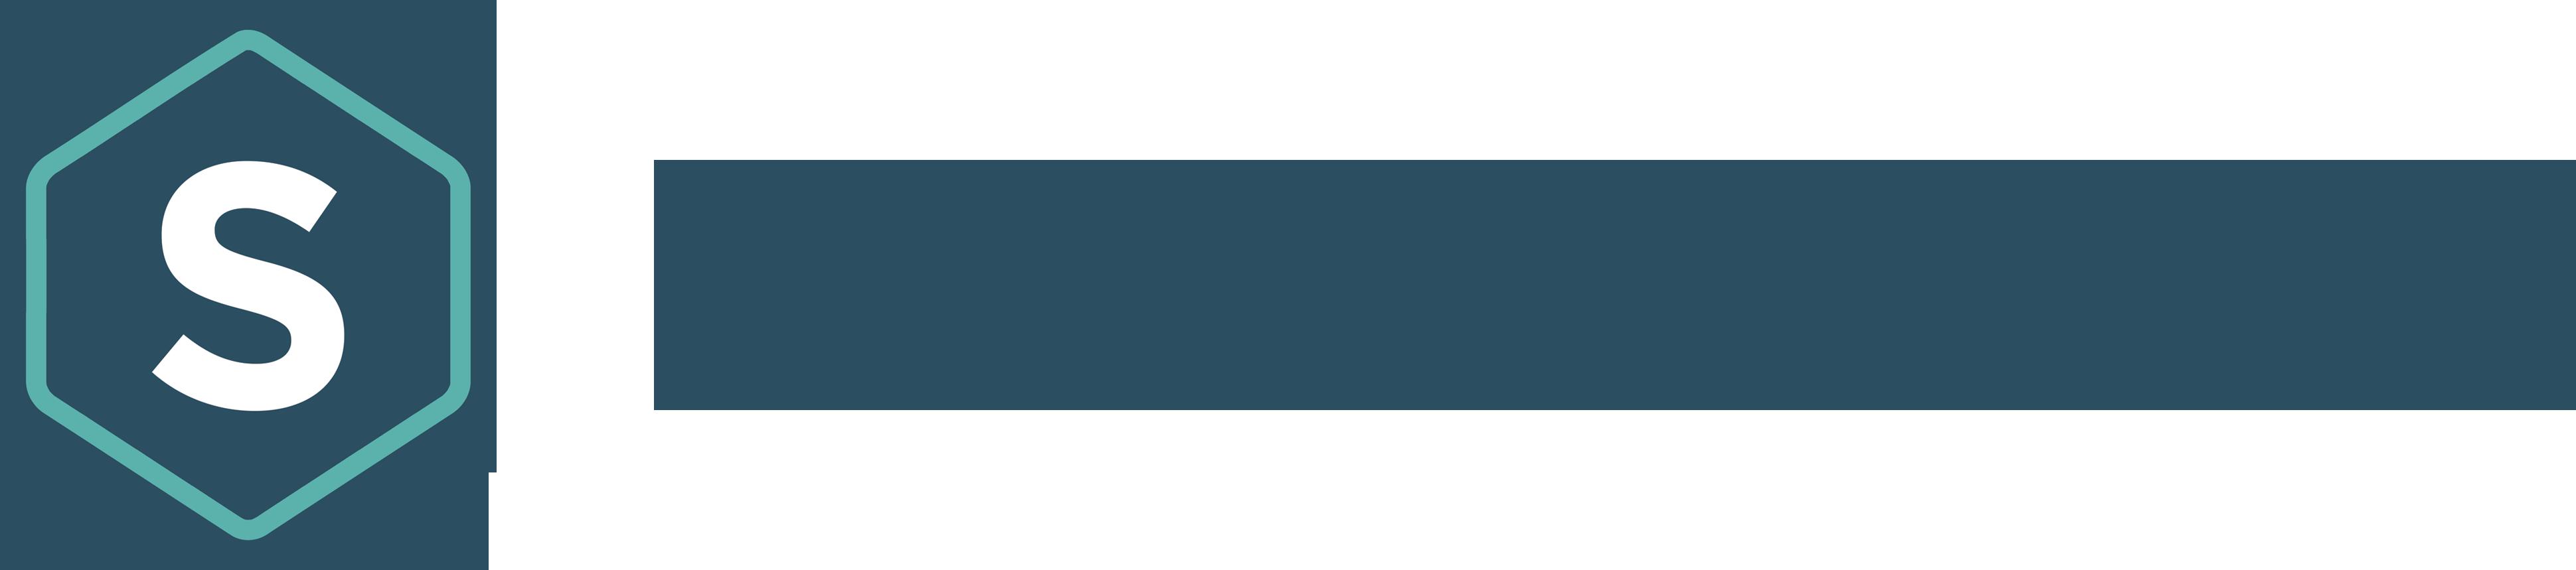 logo-horizontal-2